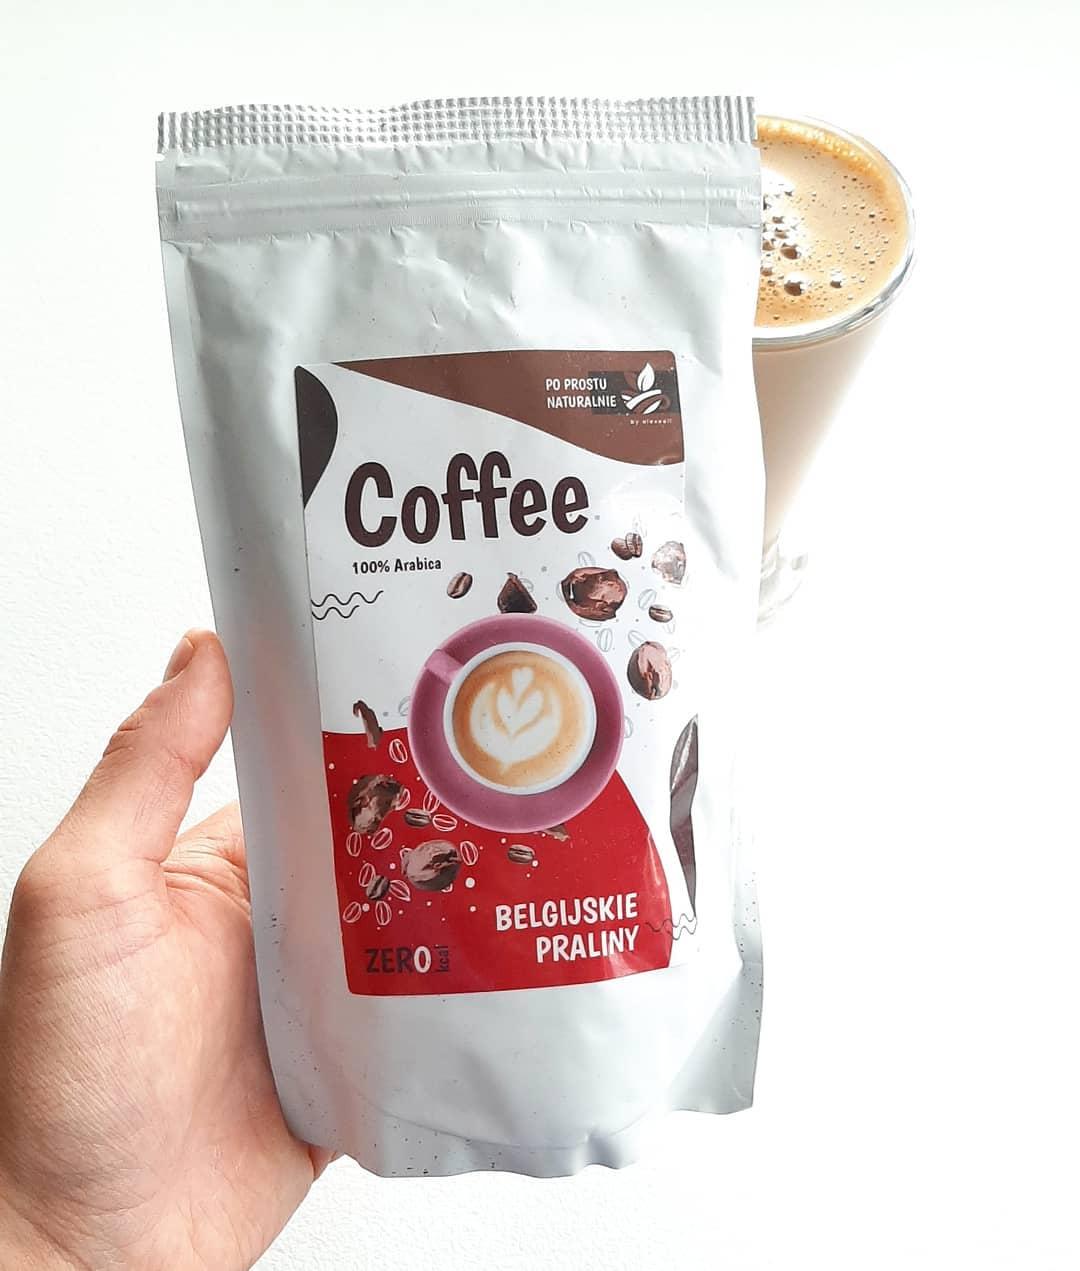 Po Prostu Naturalnie Kawa Belgijskie Praliny – testuję!